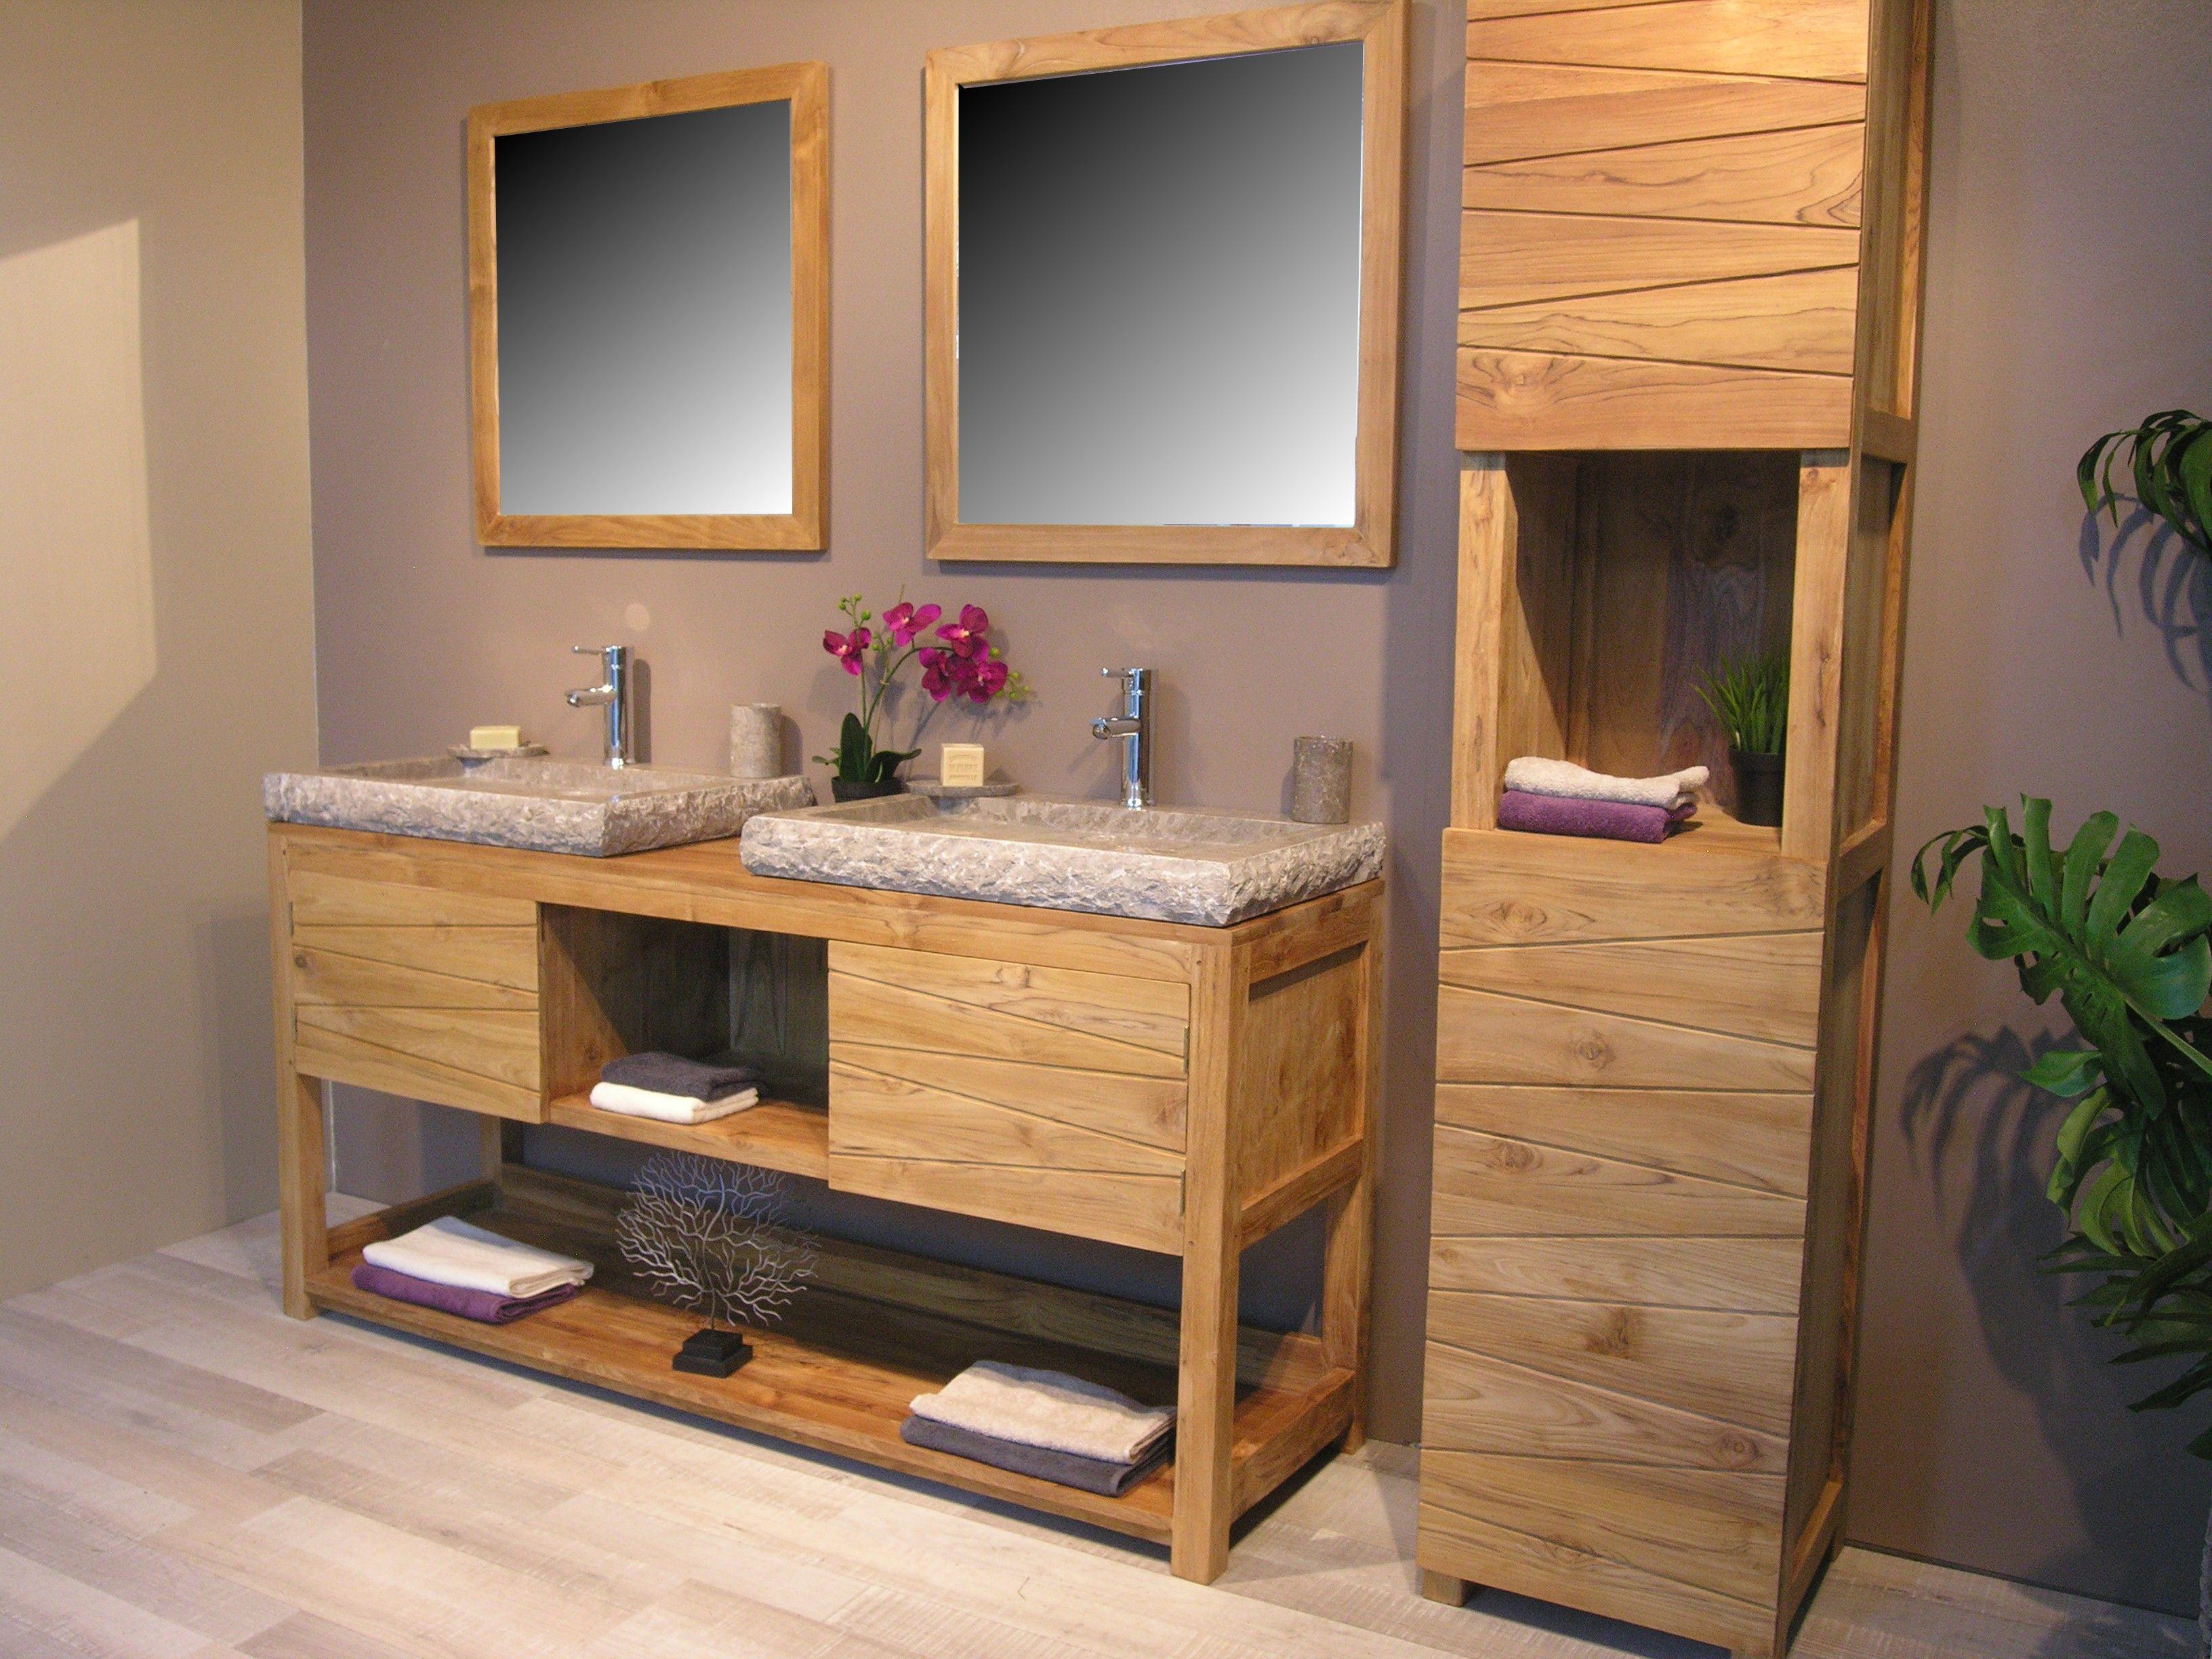 Double Vasque Salle De Bain Ikea Meilleur De Image Meuble Pour Vasque 32 Dsc 0350